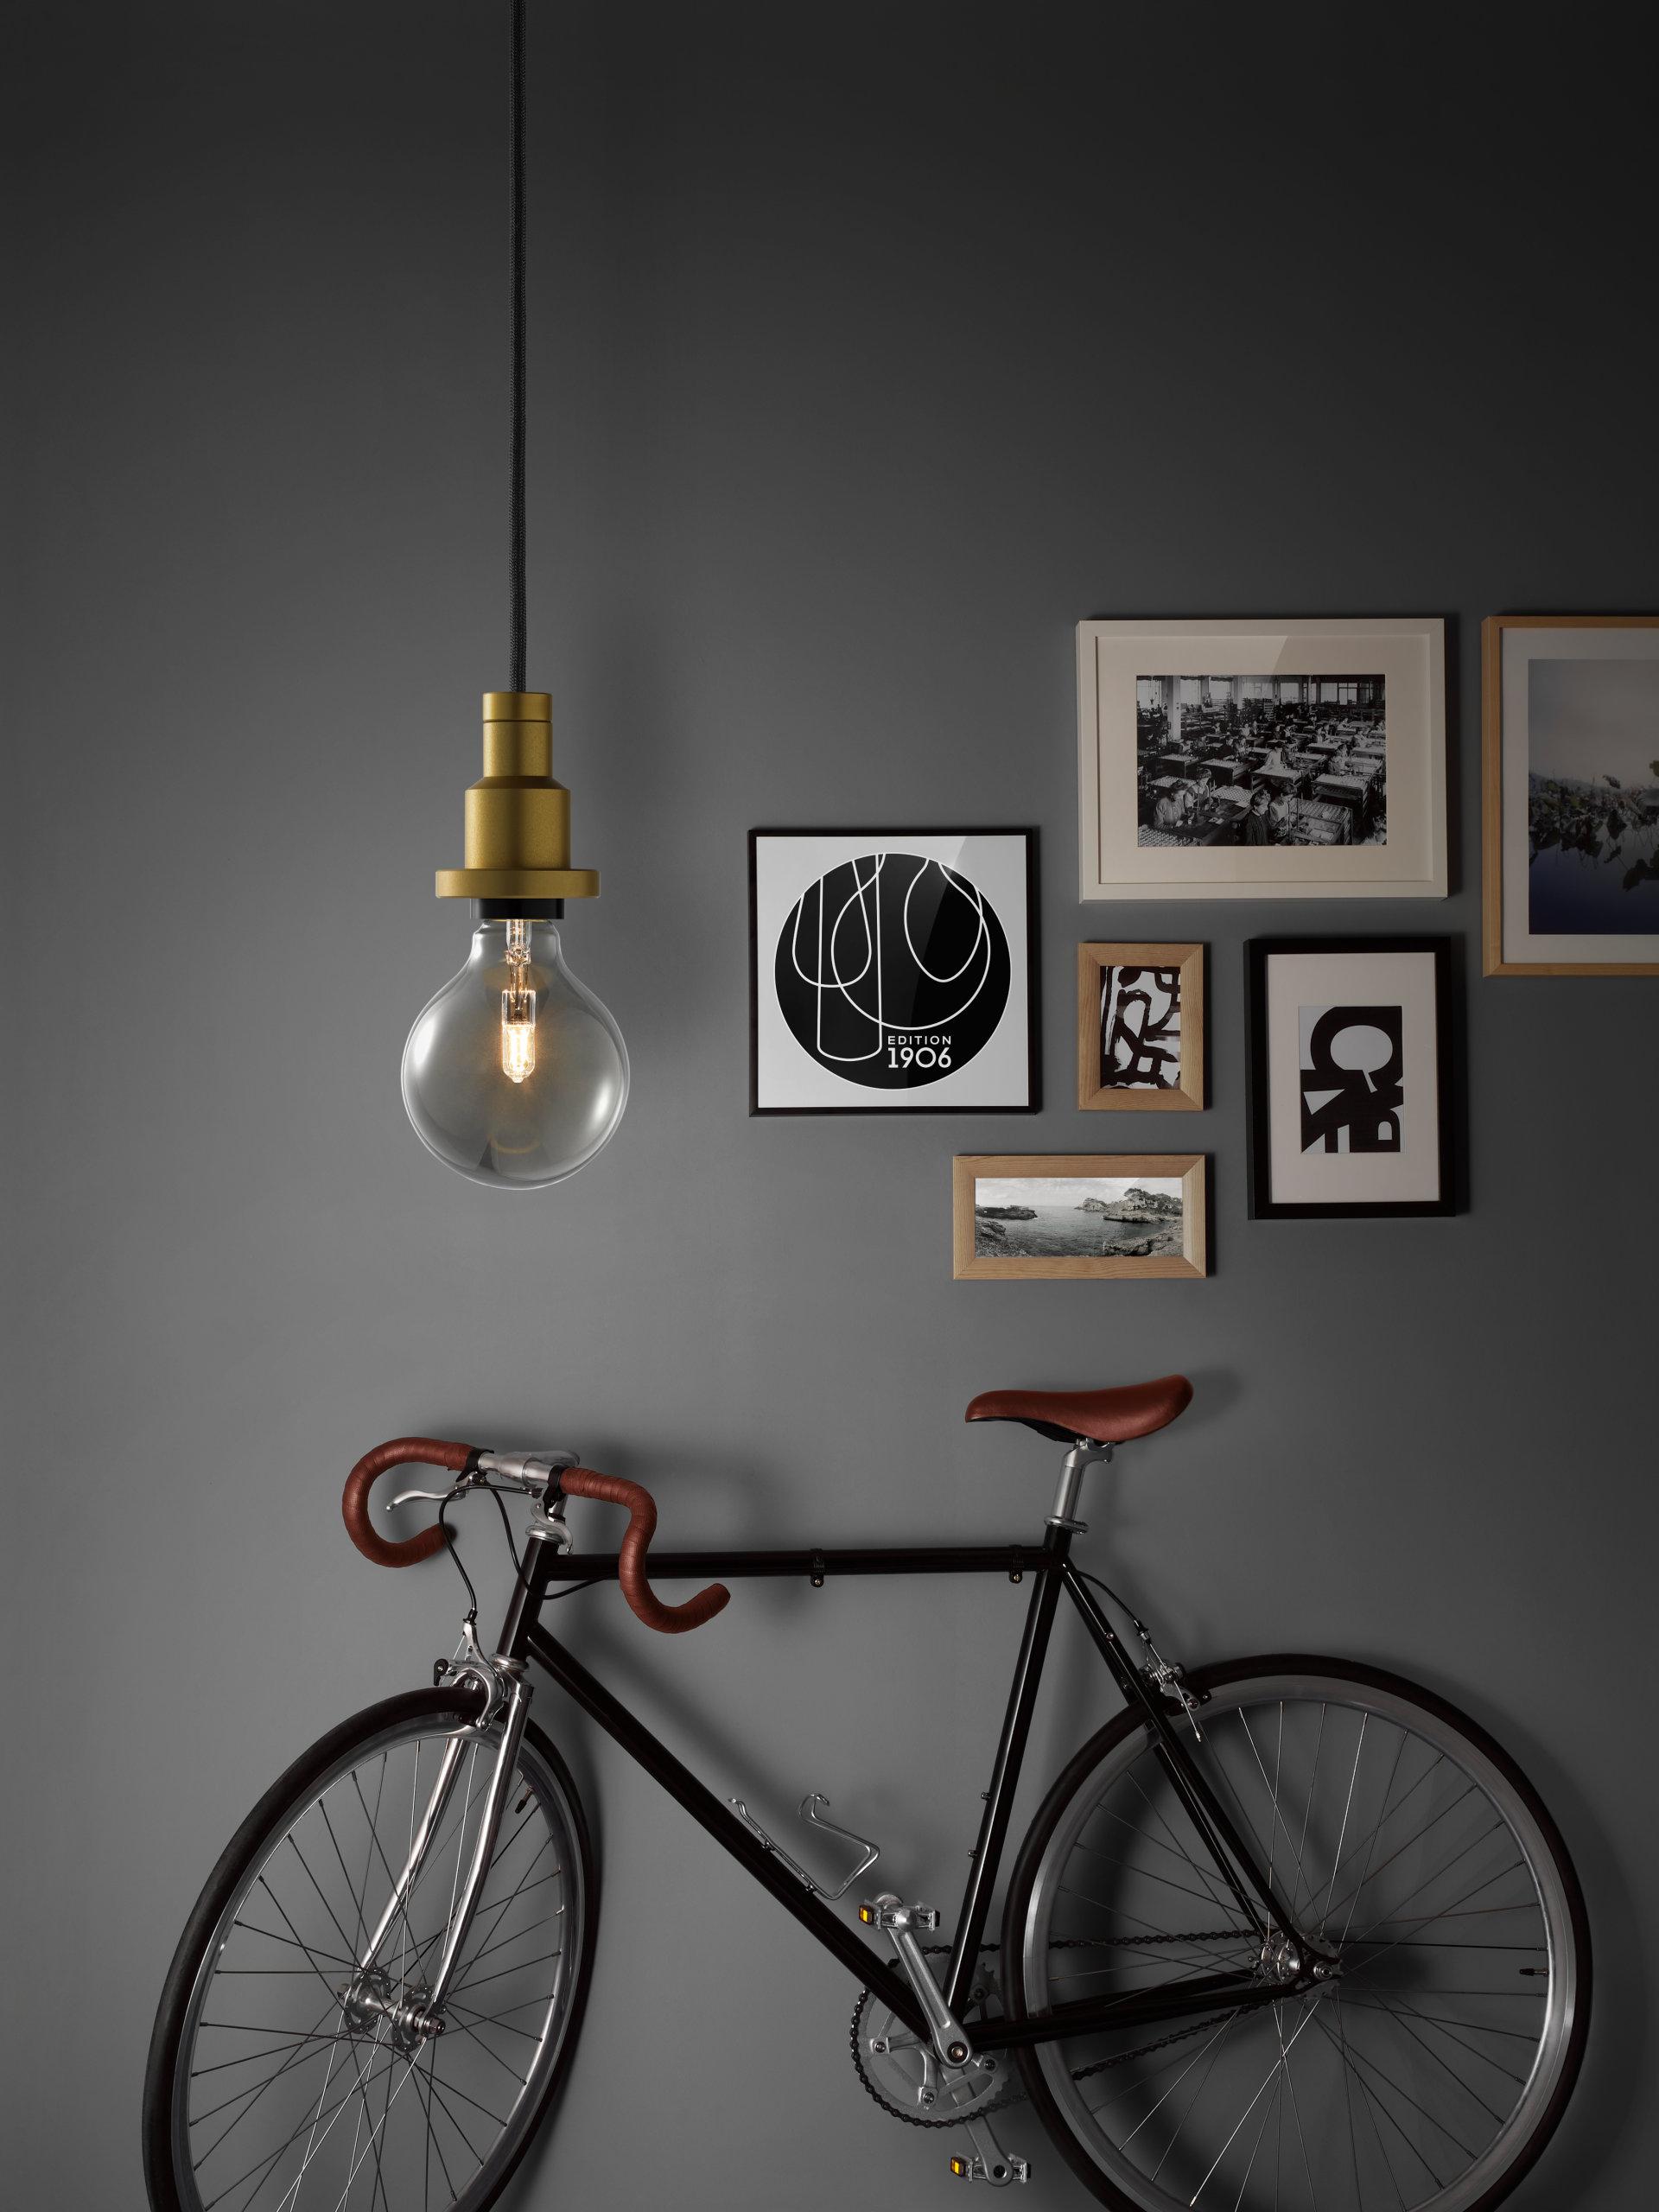 energieladen_osram_halogen-vintage-gluehbirne Erstaunlich Www Gluehbirne De Dekorationen